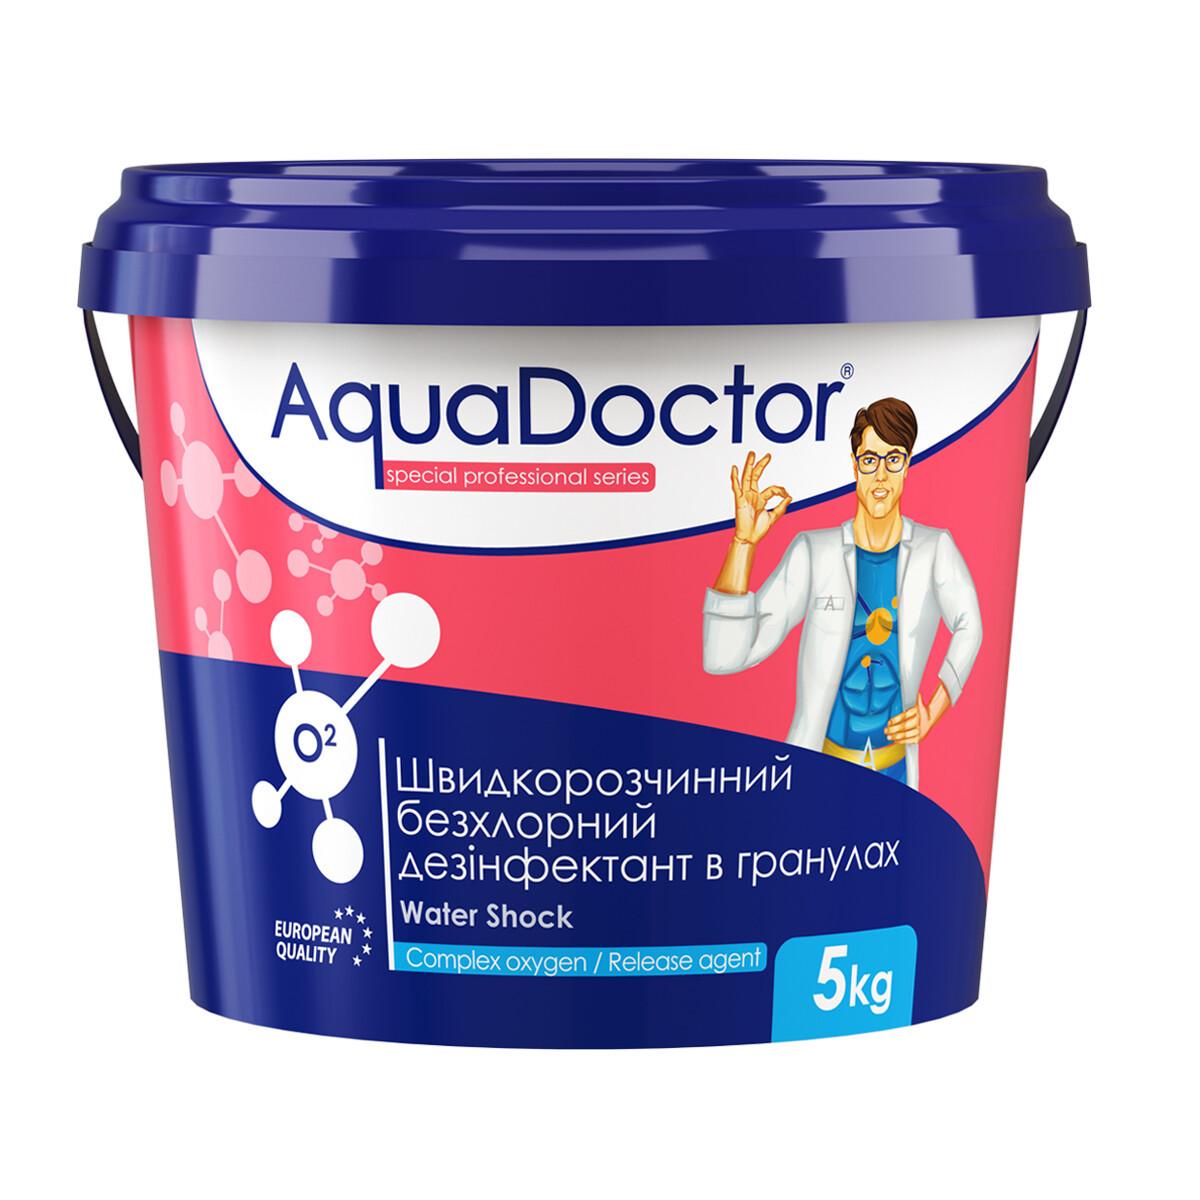 Дезинфектант на основе активного кислорода AquaDoctor Water Shock О2